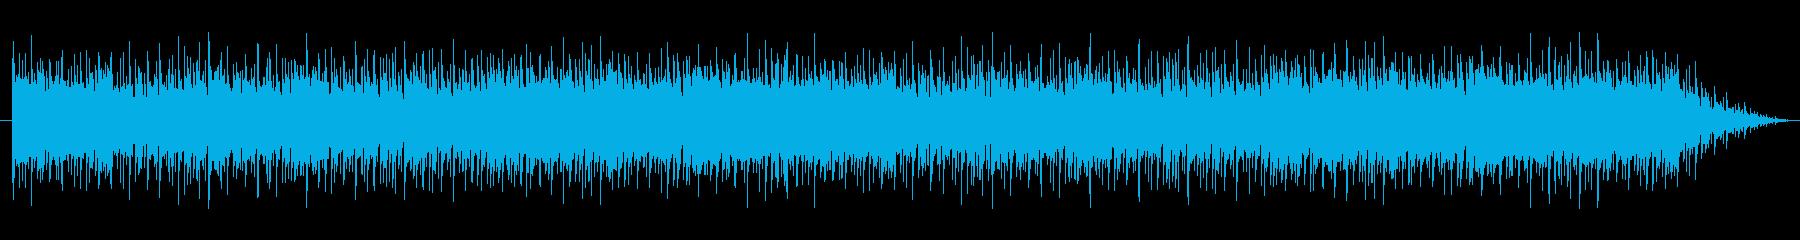 ショートBGM:シリアス・内生的02の再生済みの波形